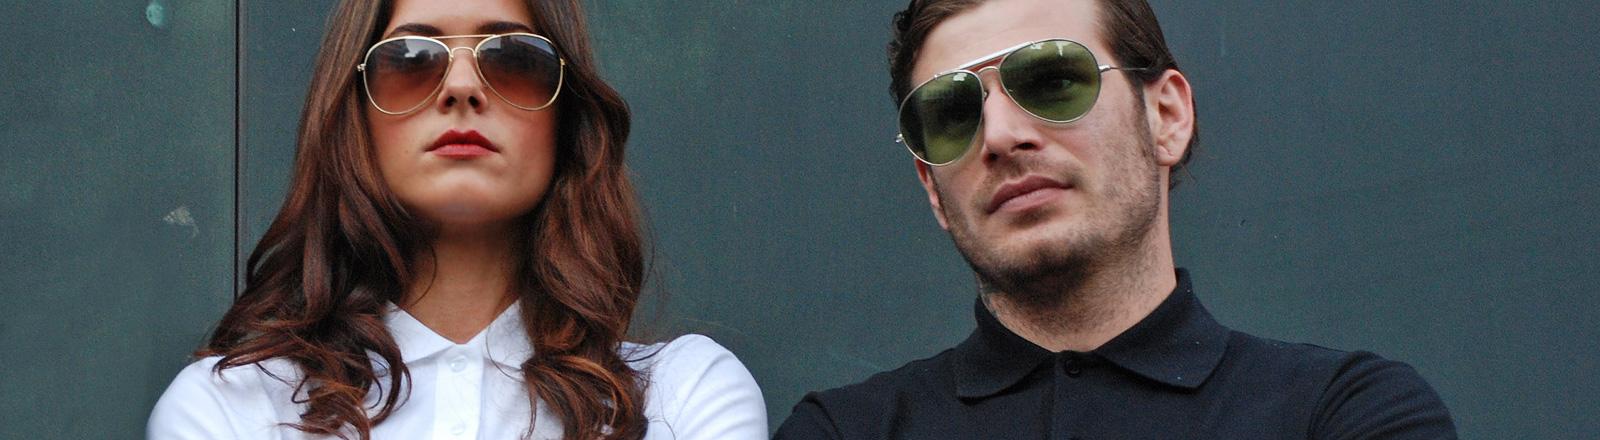 Eine Frau und ein Mann stehen nebeneinander. Sie haben nackte Unterarme mit Tattoos und tragen beide Polo-Shirt und Sonnenbrille. Die Arme halten sie verschränkt vor der Brust.